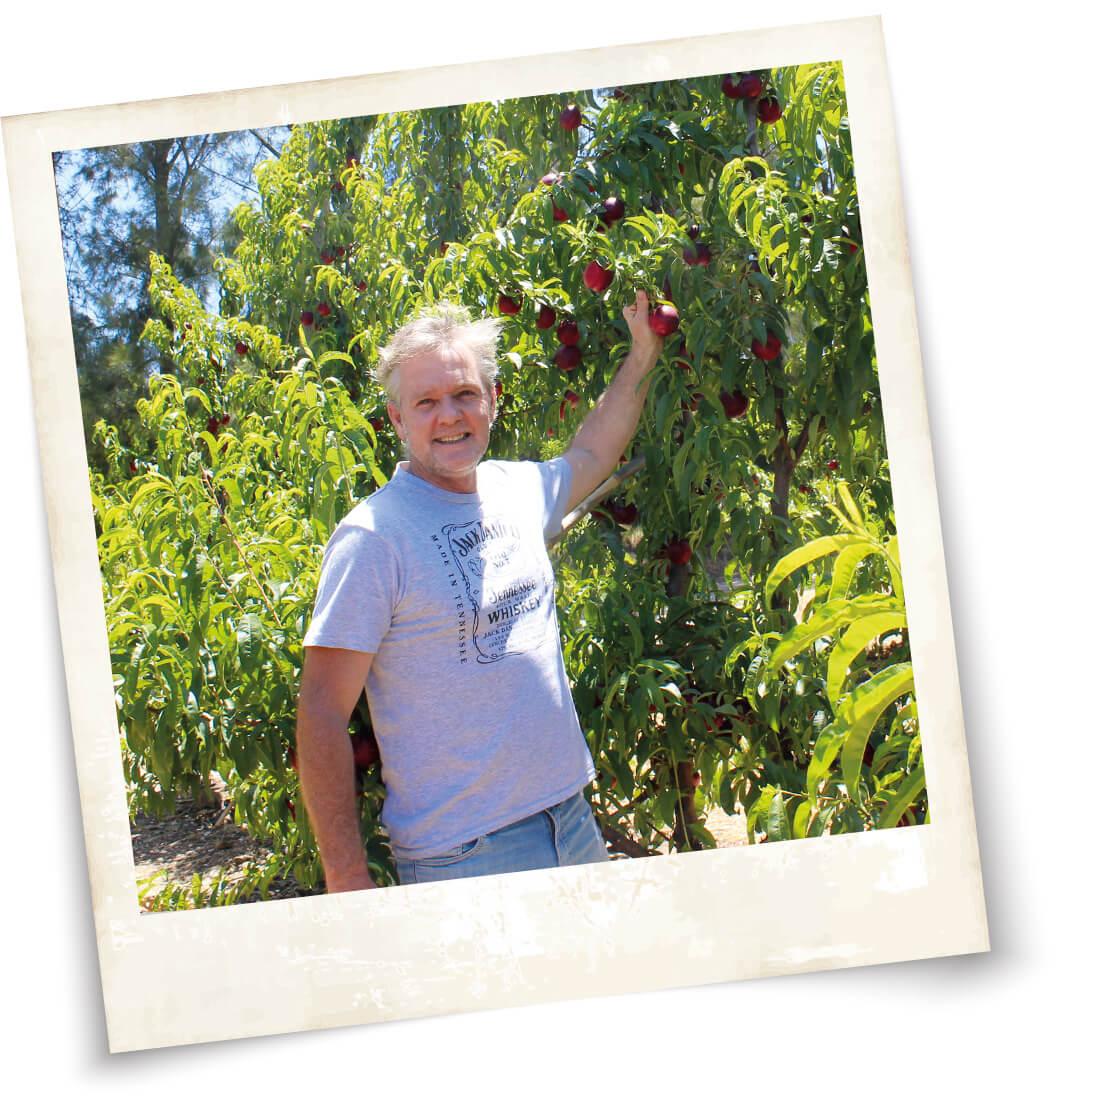 Clackmannen Farms Stone fruit producer